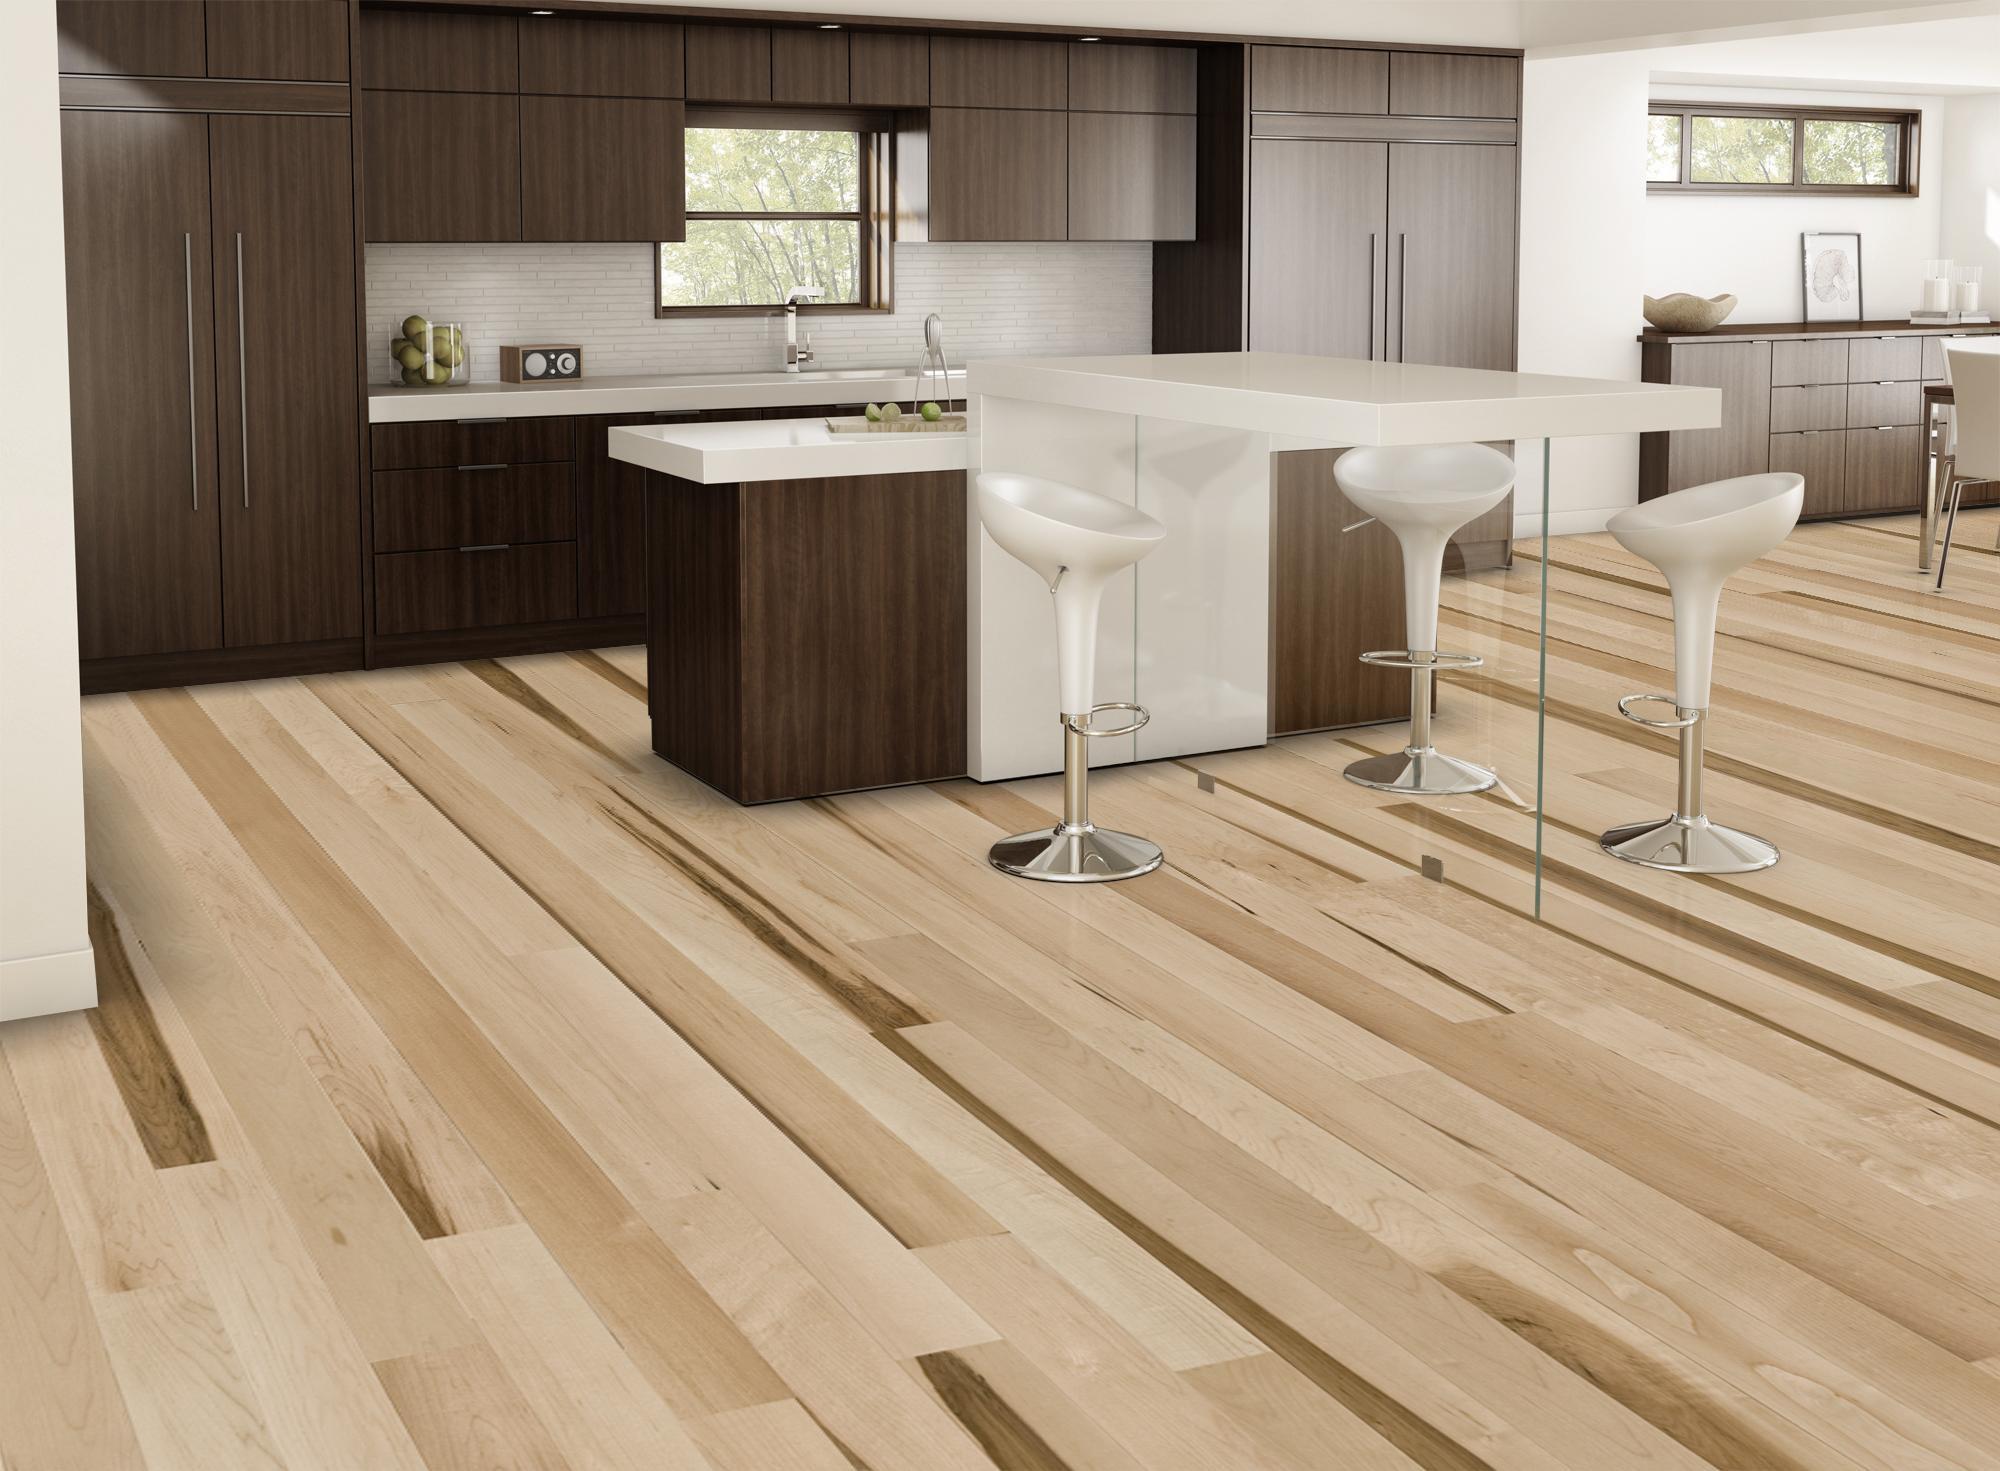 3 4 maple hardwood flooring of kingsmill natural maple 4 wide 3 4 solid hardwood flooring regarding kingsmill natural maple 4 wide 3 4 solid hardwood flooring room